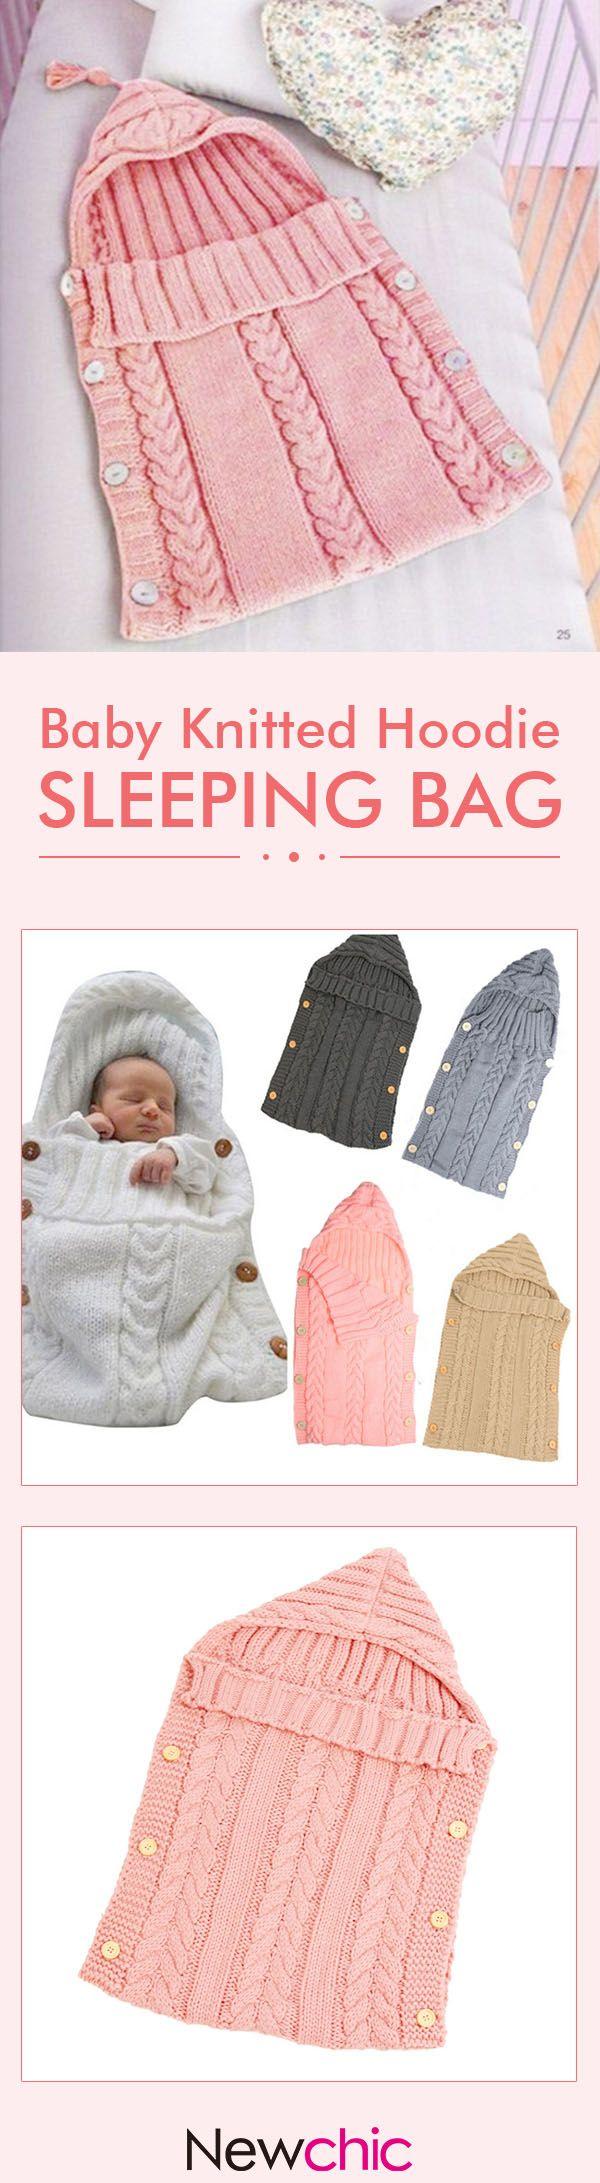 70*35cm Newborn Baby Sleeping Bag Winter Warm Wool Knitted Hoodie ...